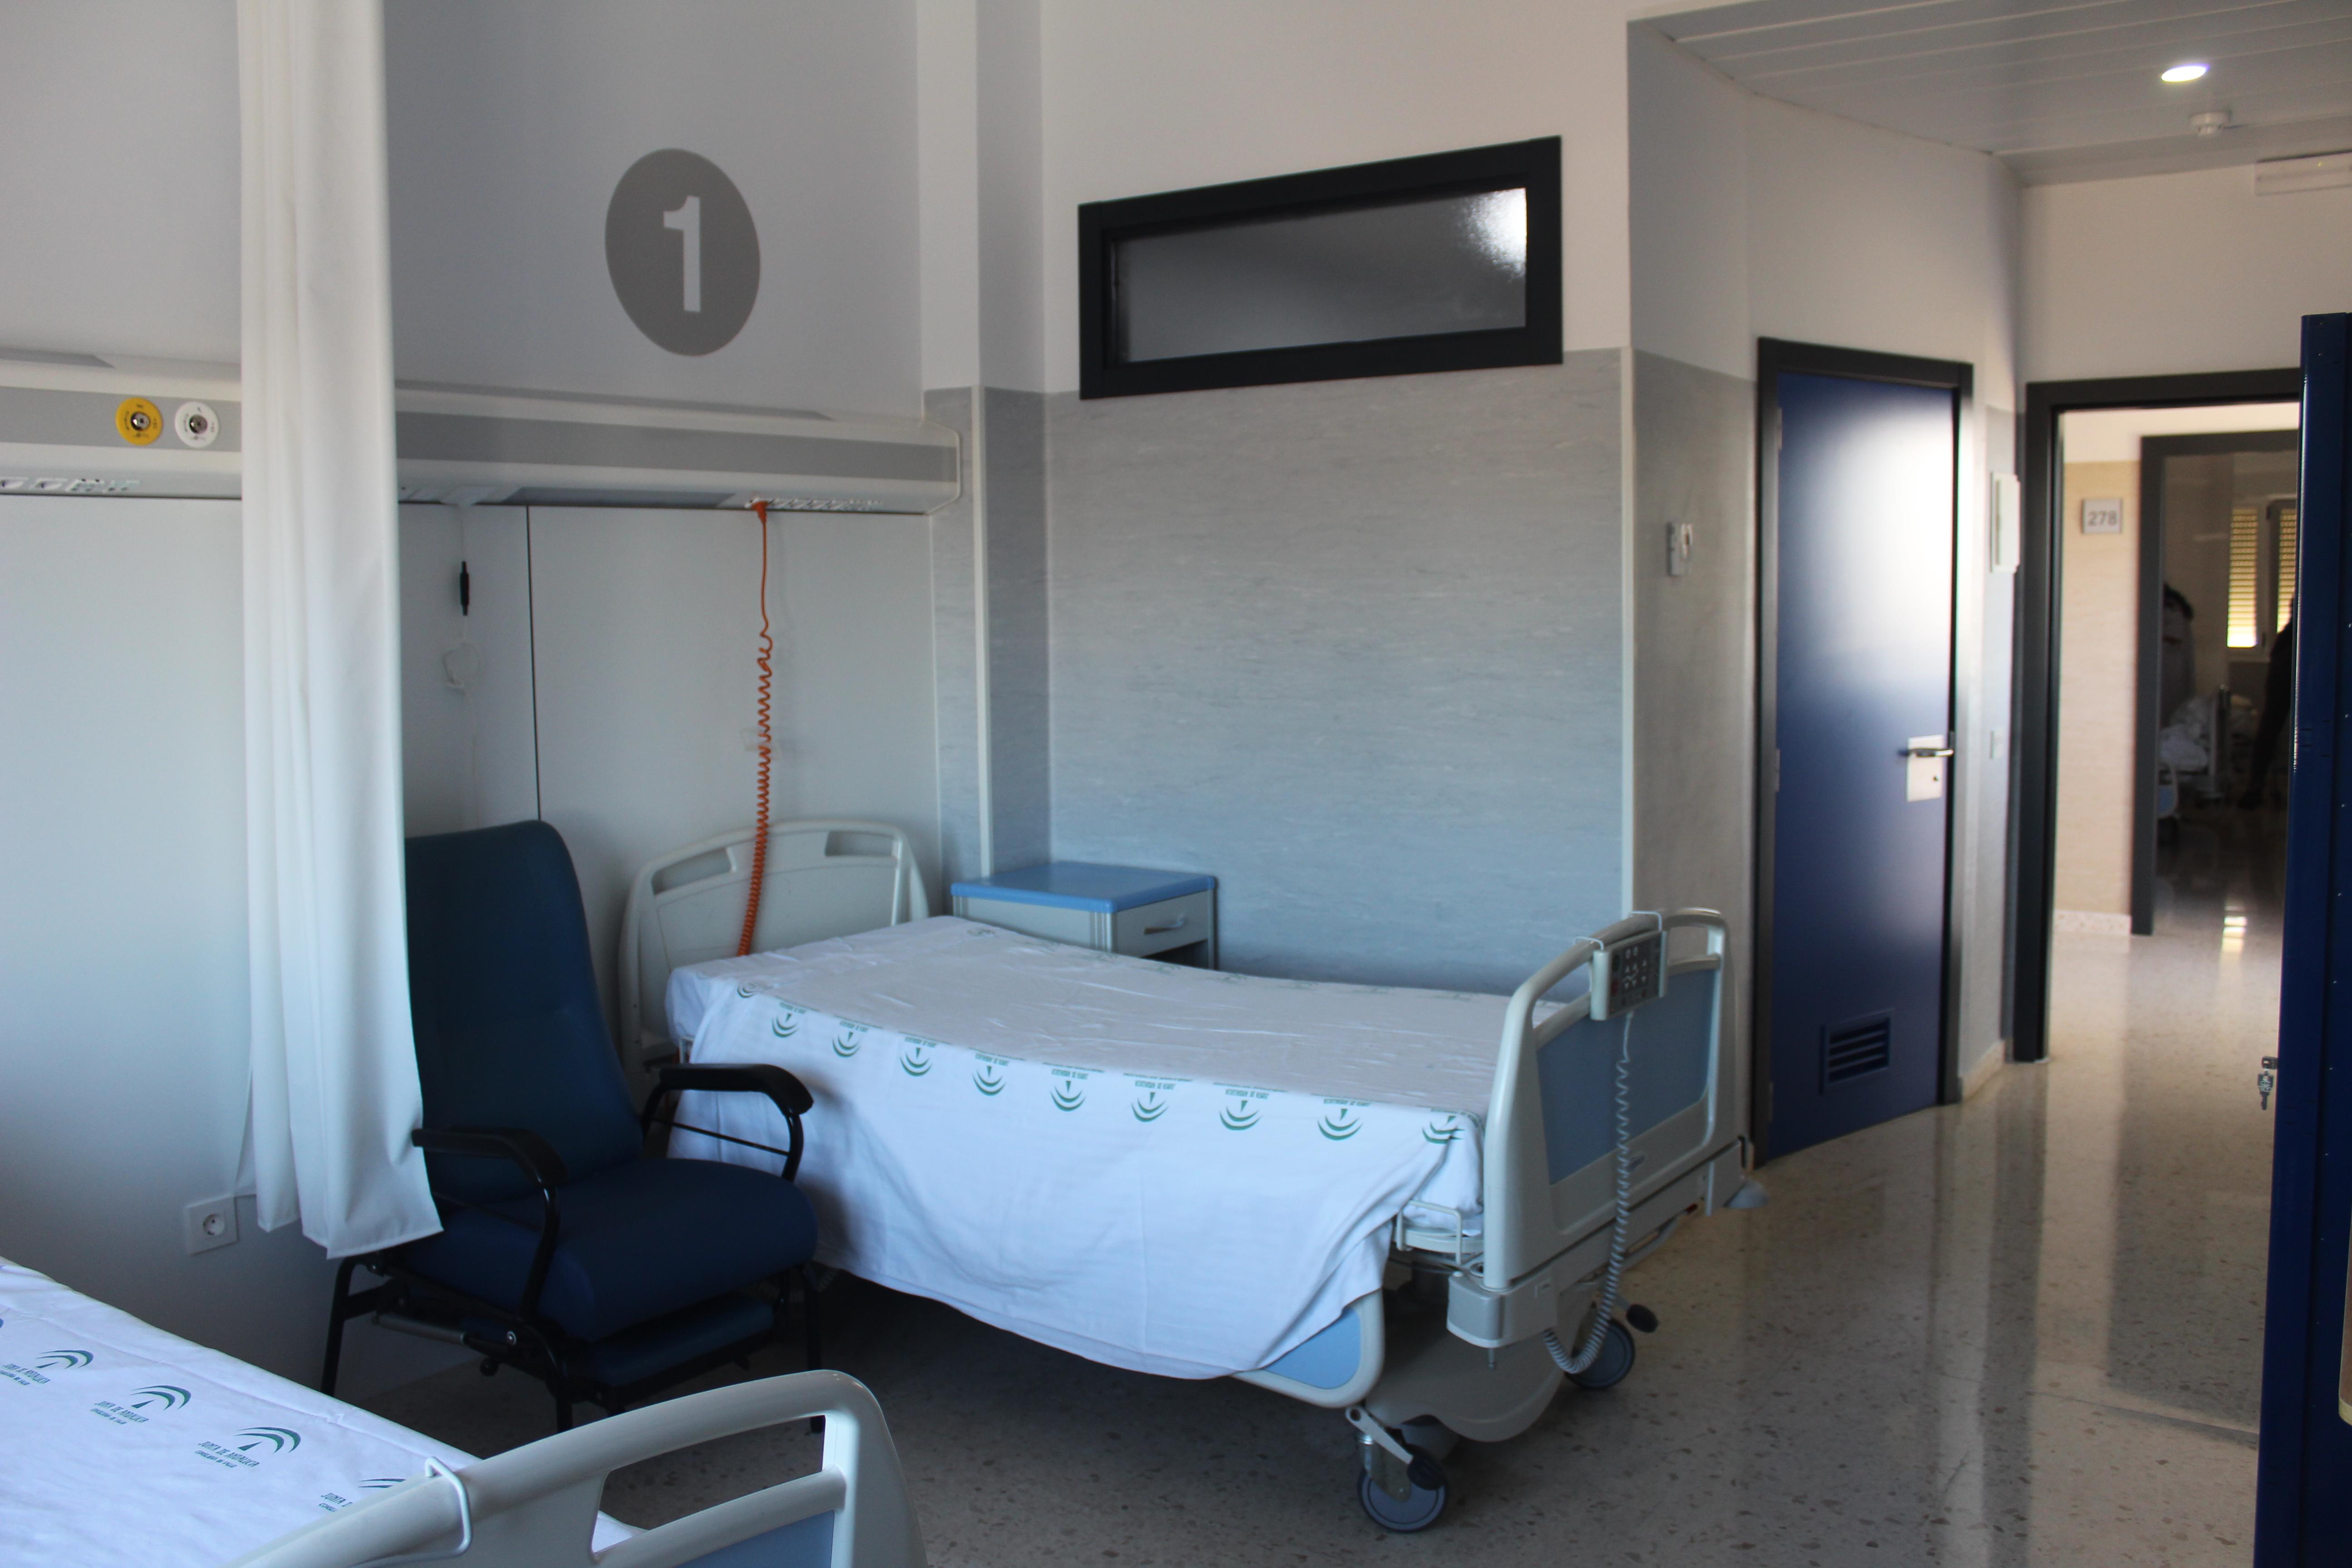 El Hospital de La Axarquía mejora sus instalaciones de cara a la Covid-19 con la finalización de una nueva ala de hospitalización